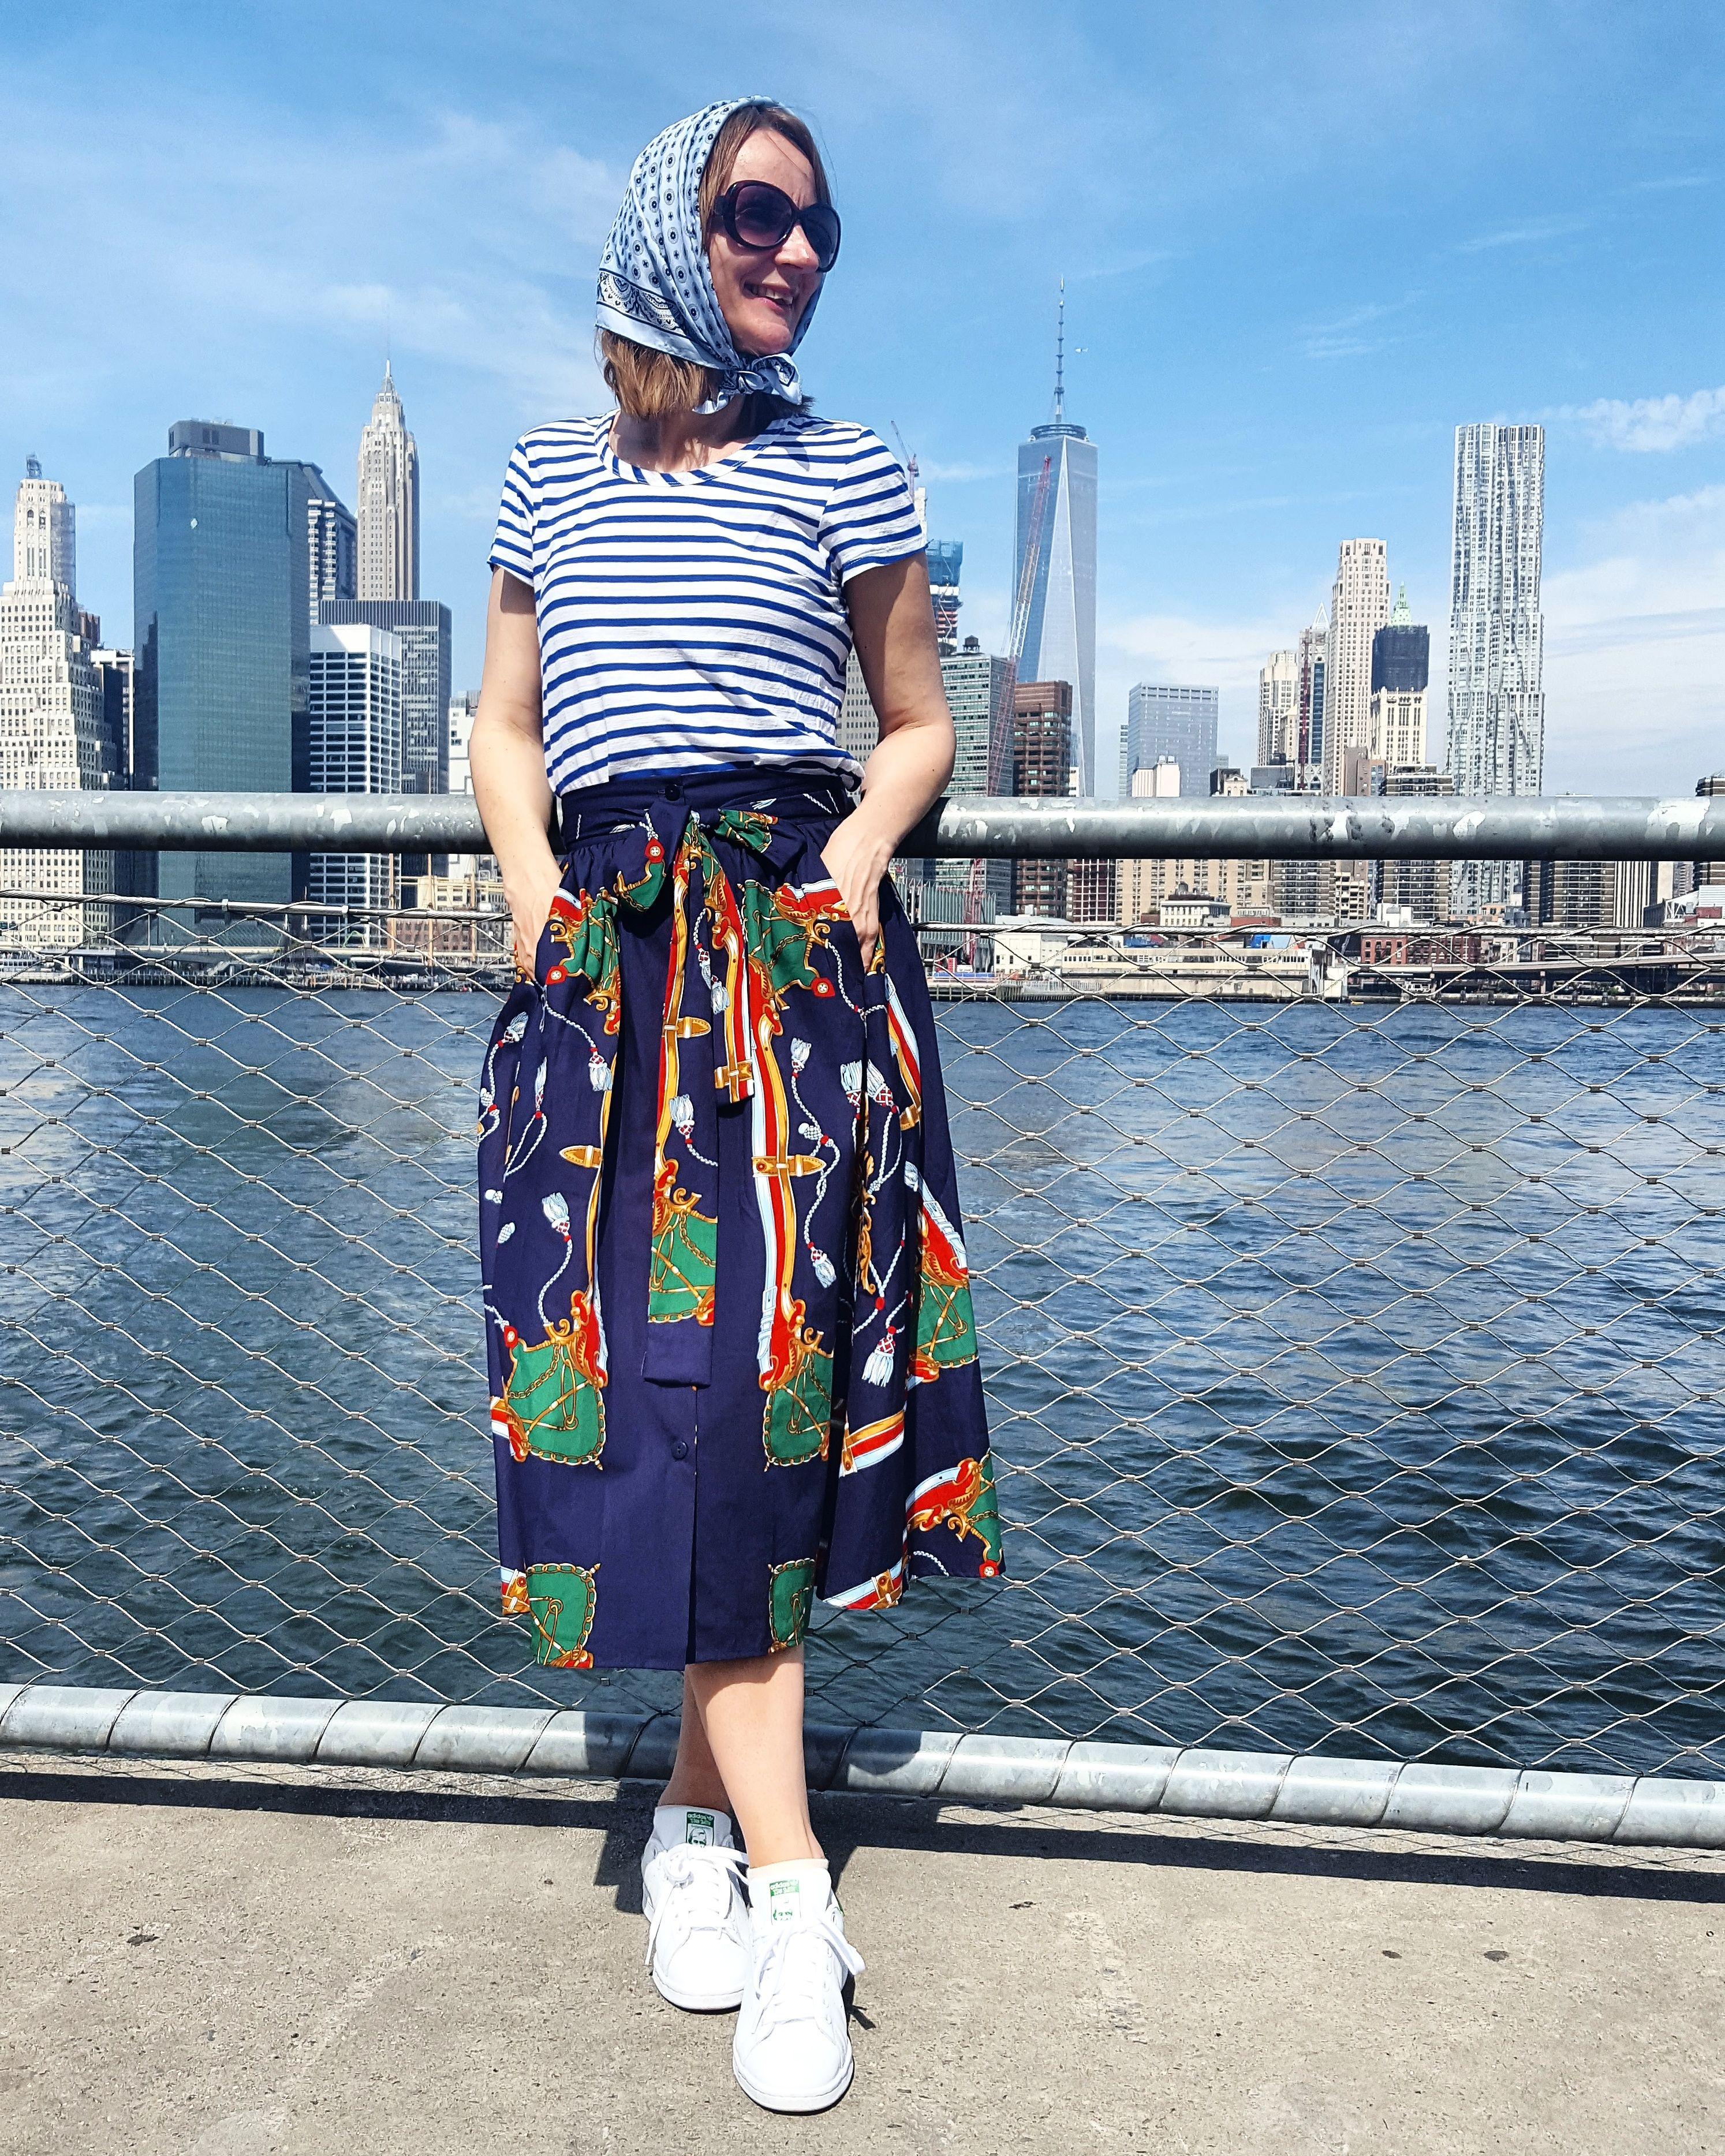 Blau im Herbst: So geht Mustermix mit Turnschuhen und wadenlangem Rock. | Oceanblue Style, Blog für Meer, Mode, Mut.